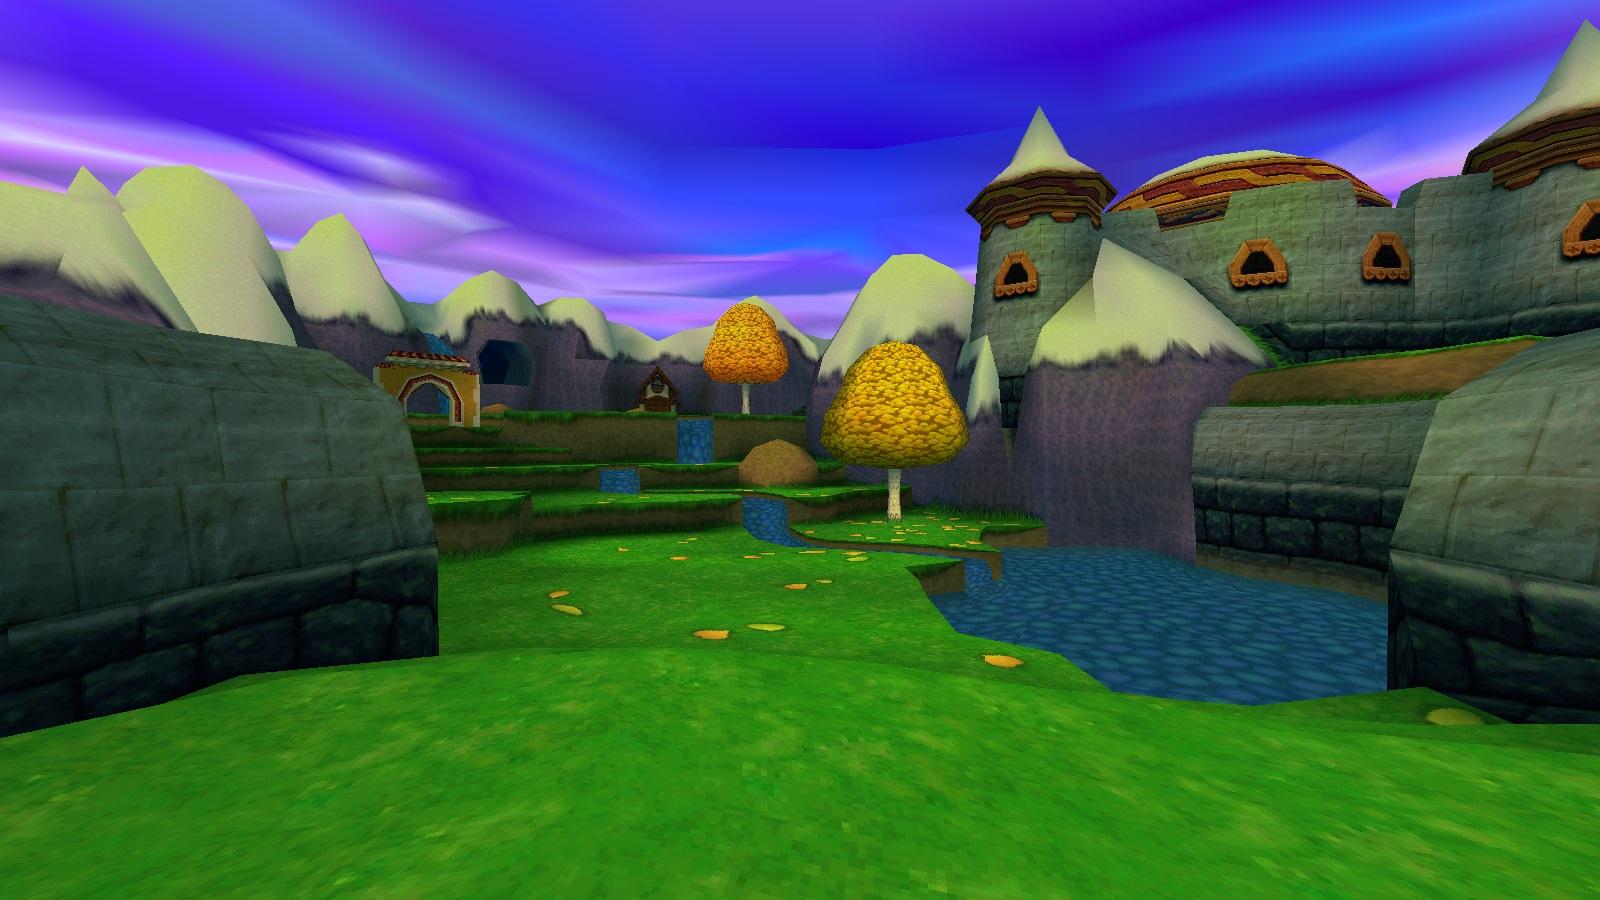 Spyro world 4